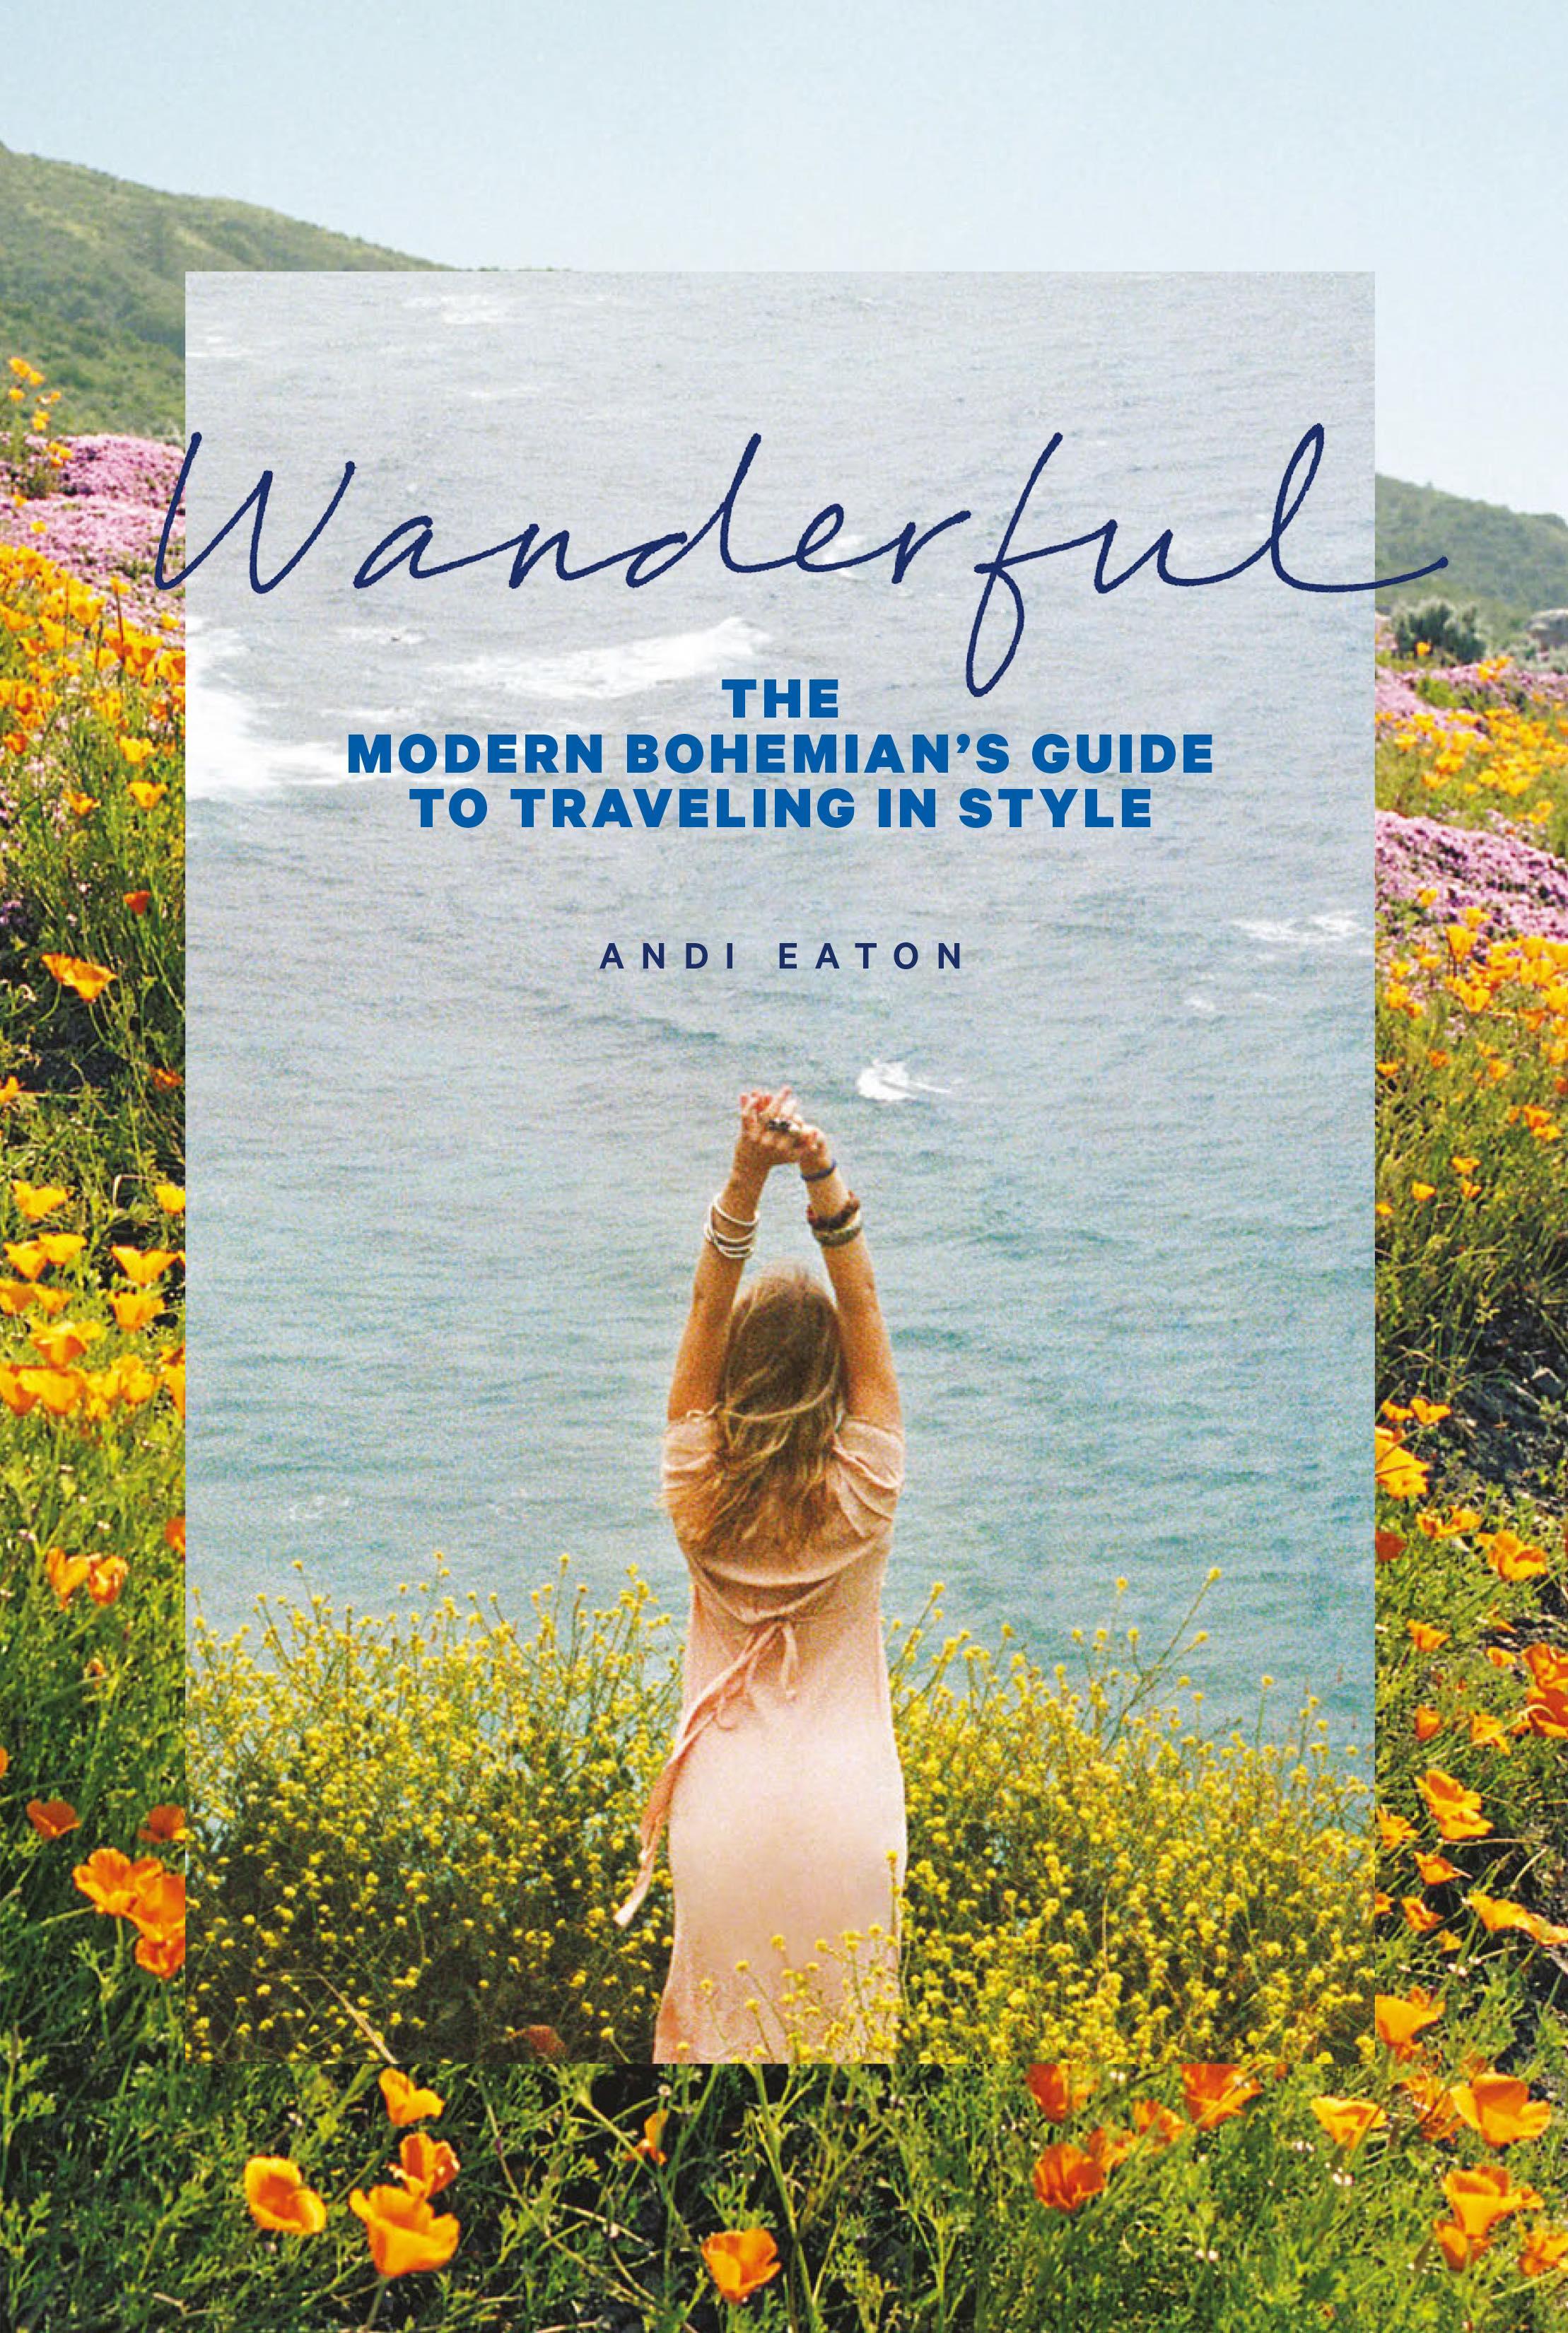 wanderful by andi eaton    ouiwegirl.com